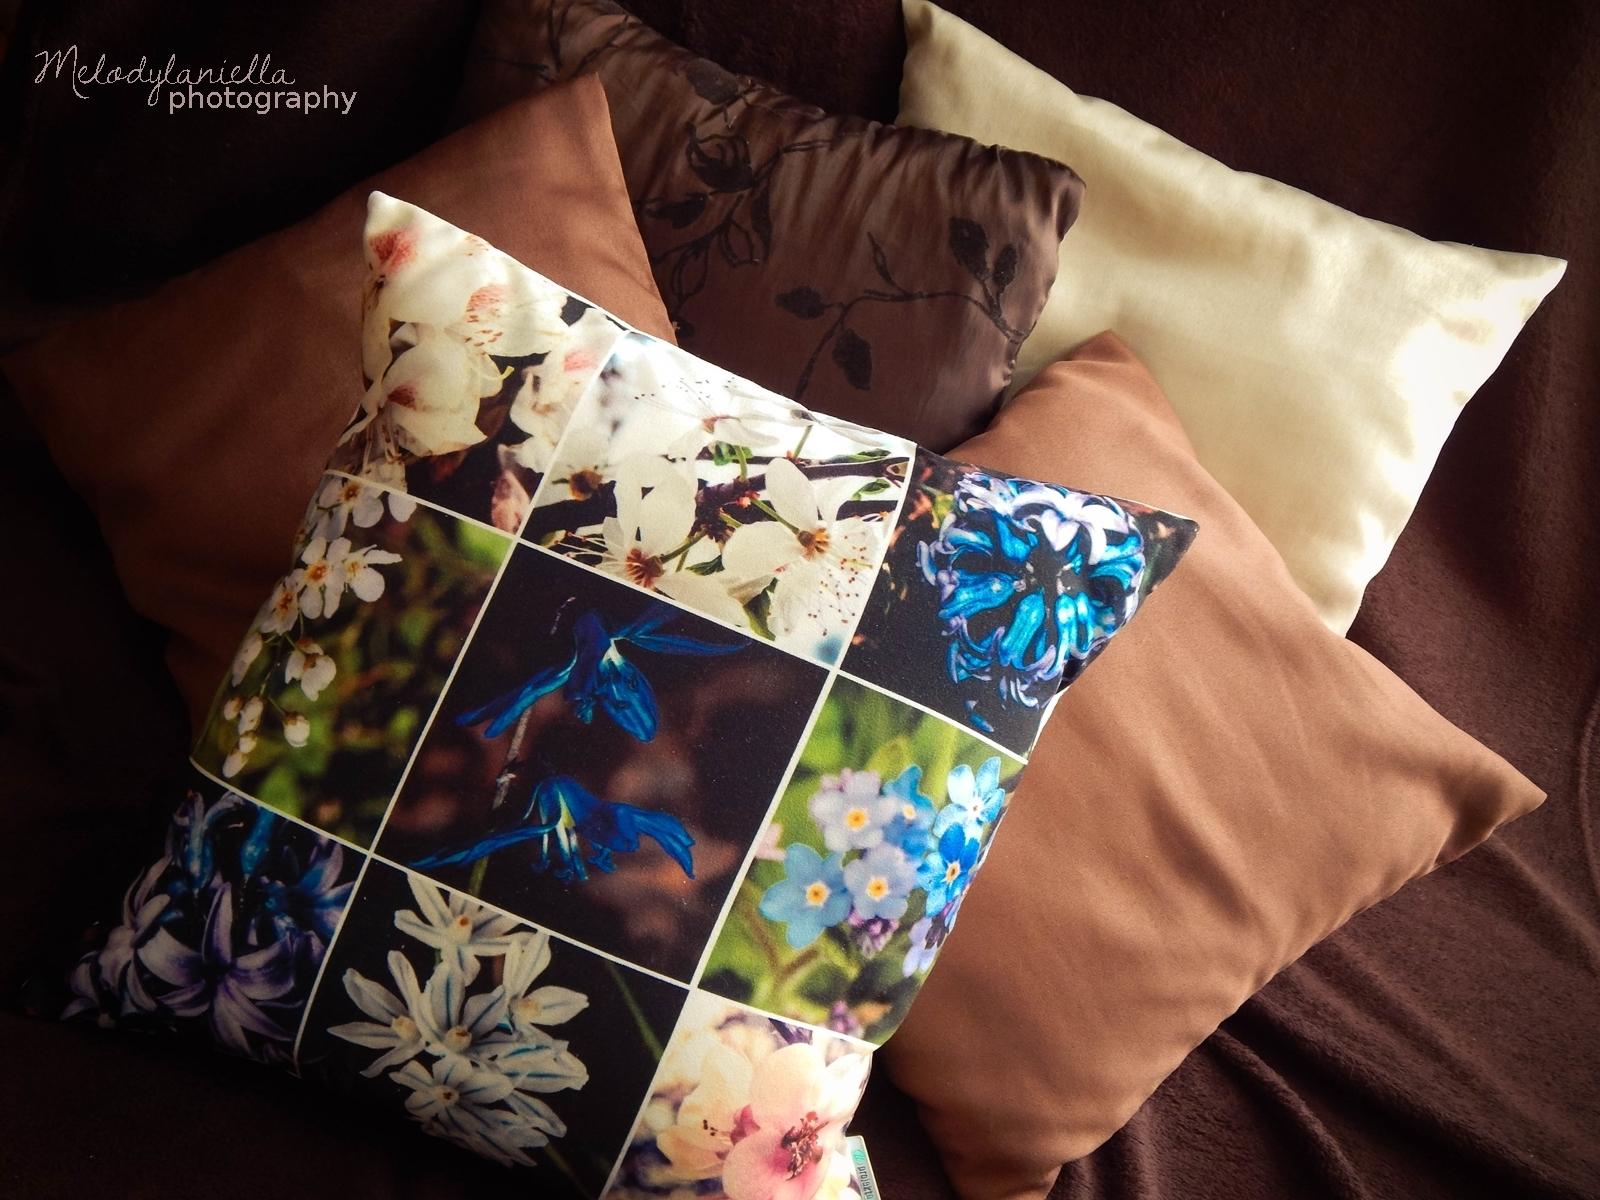 projektogram poduszka z własnym zdjęciem zaprojektuj swoją poduszkę zdjęcia instagram fotografia prezenty dla fotografów zakochani w zdjeciach wspomnienia z wakacji na poduszcze pillow photos aplikacja wzorki